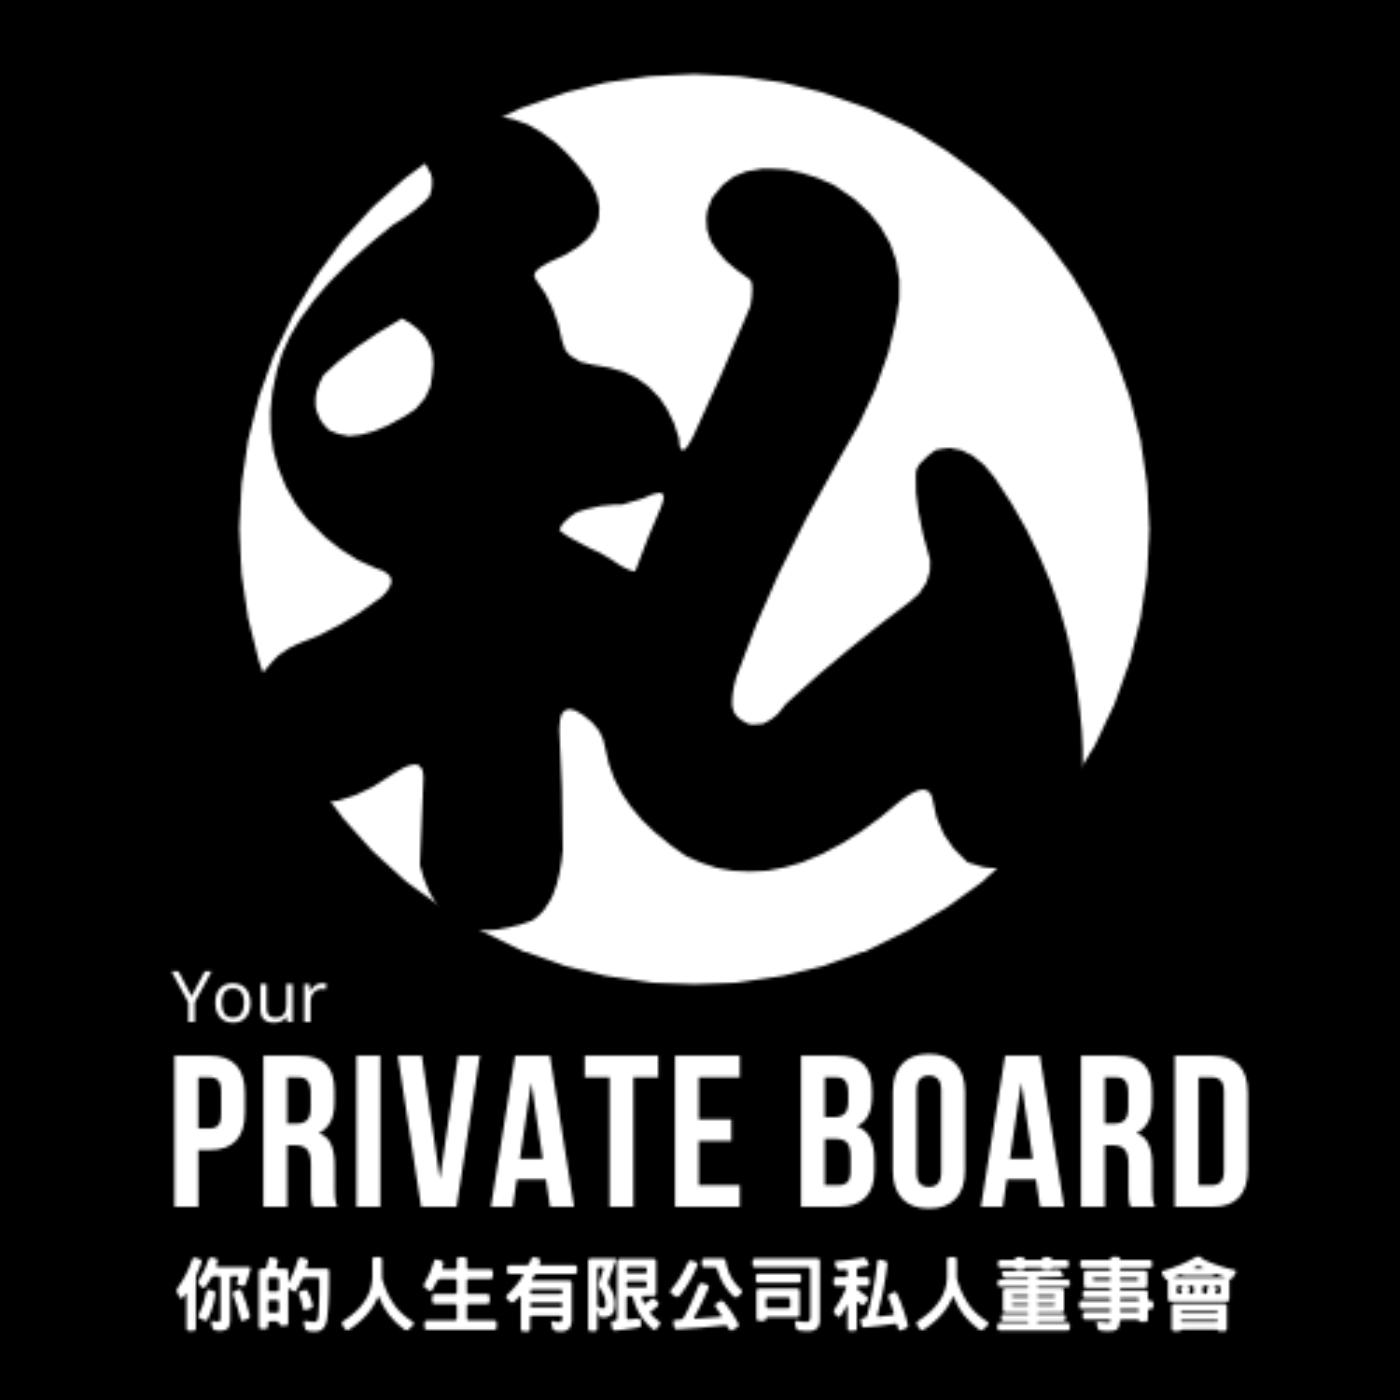 所謂控股,就是控制好你的屁股-人生控股公司私人董事會- EP01